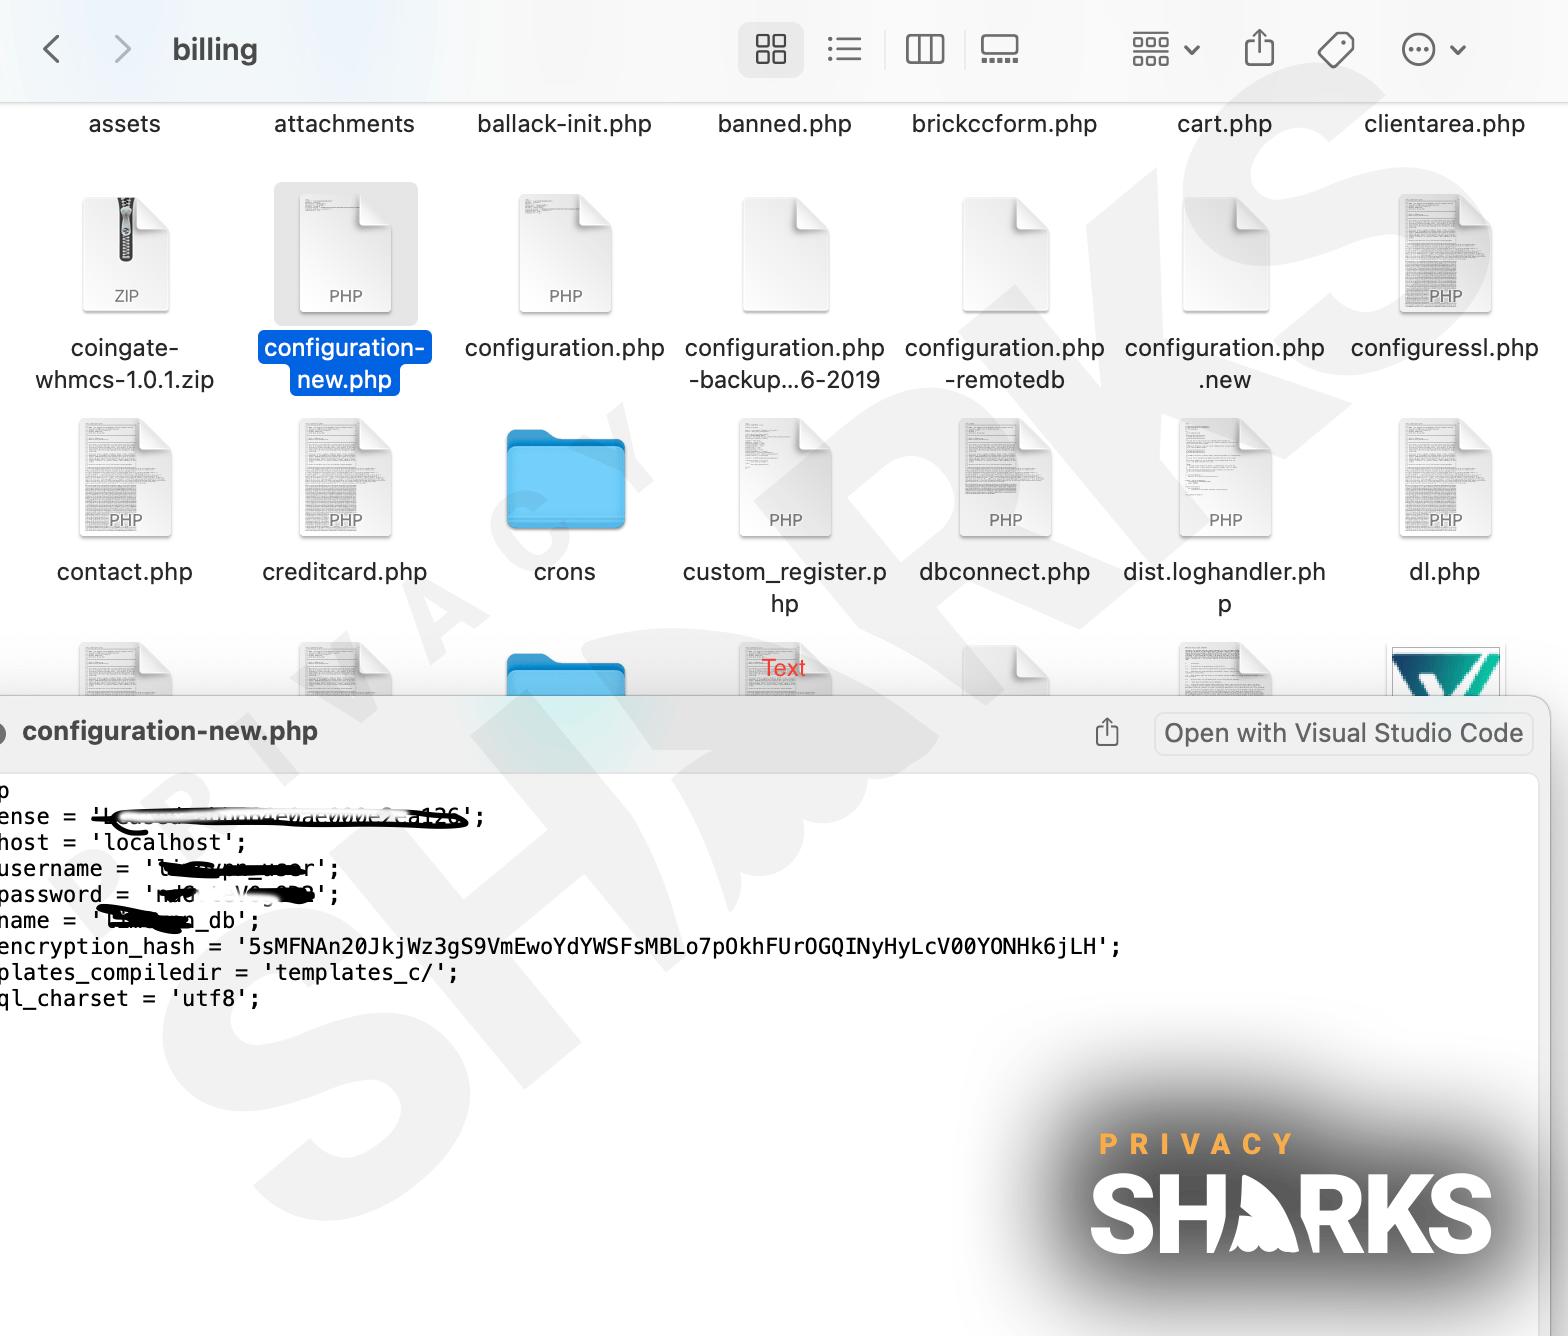 leaked database